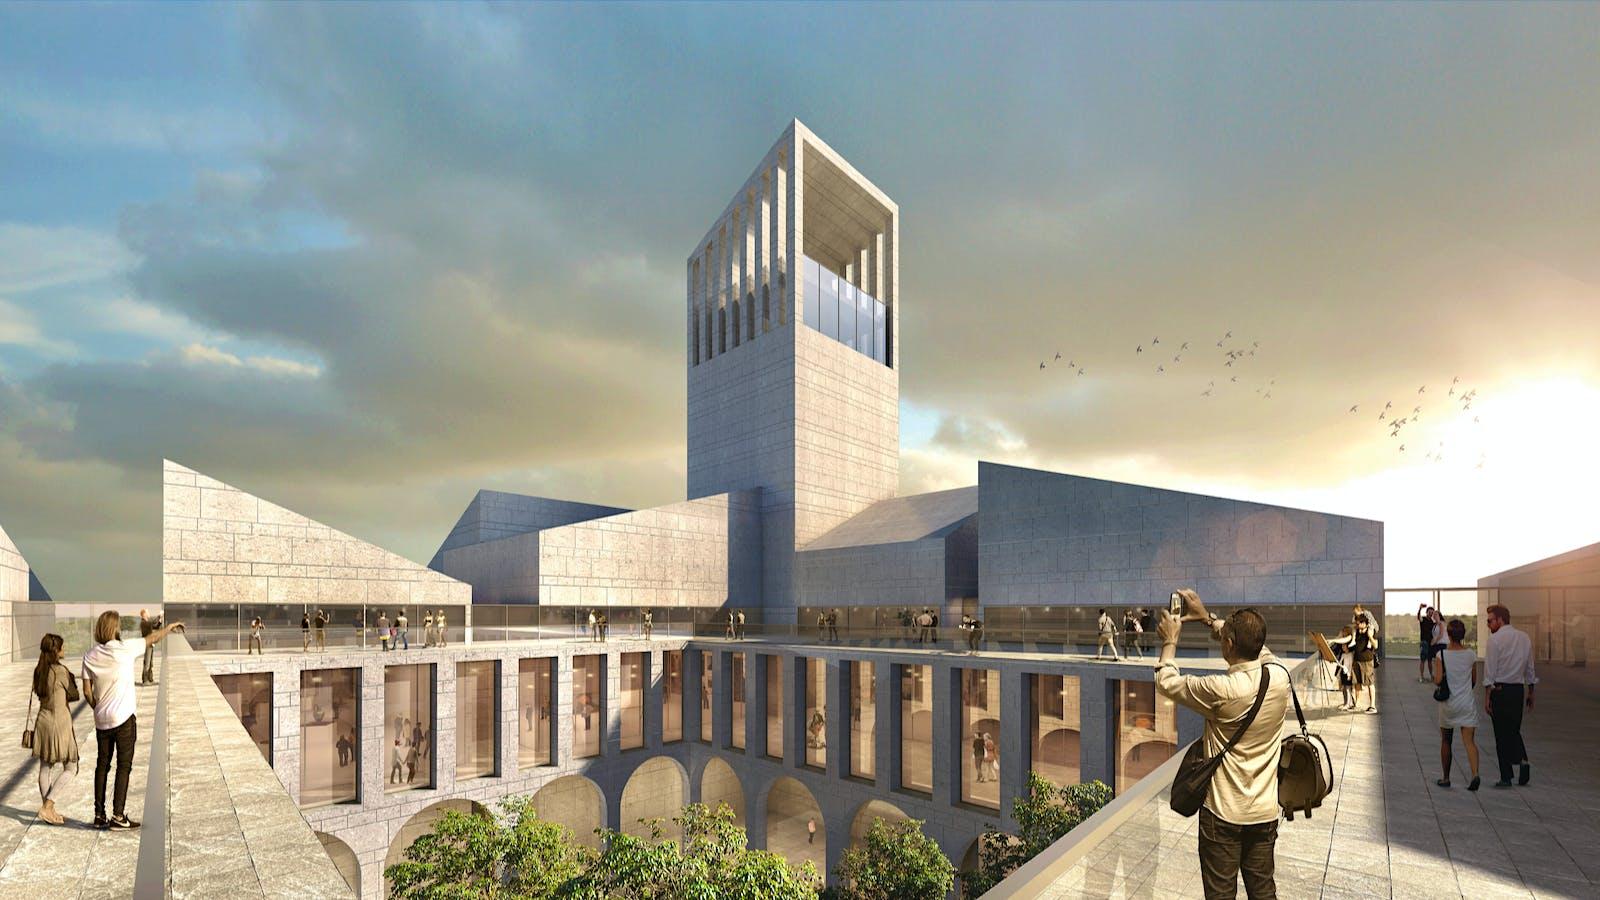 Bordeaux Wine Museum Plans Expansion to Beijing